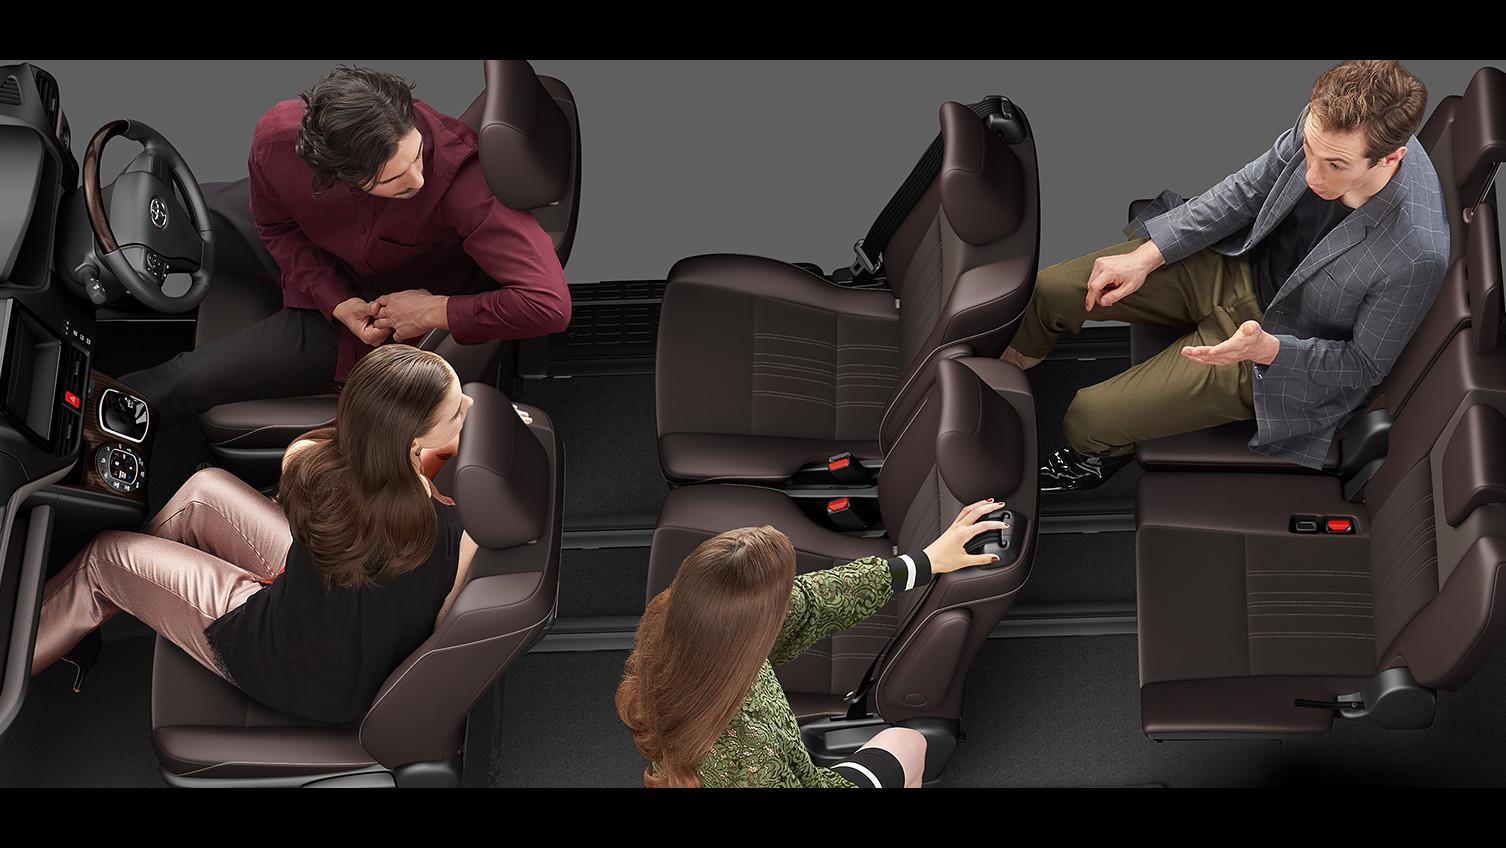 エスクァイア、7人乗り8人乗り比較、フリーアクセスモード